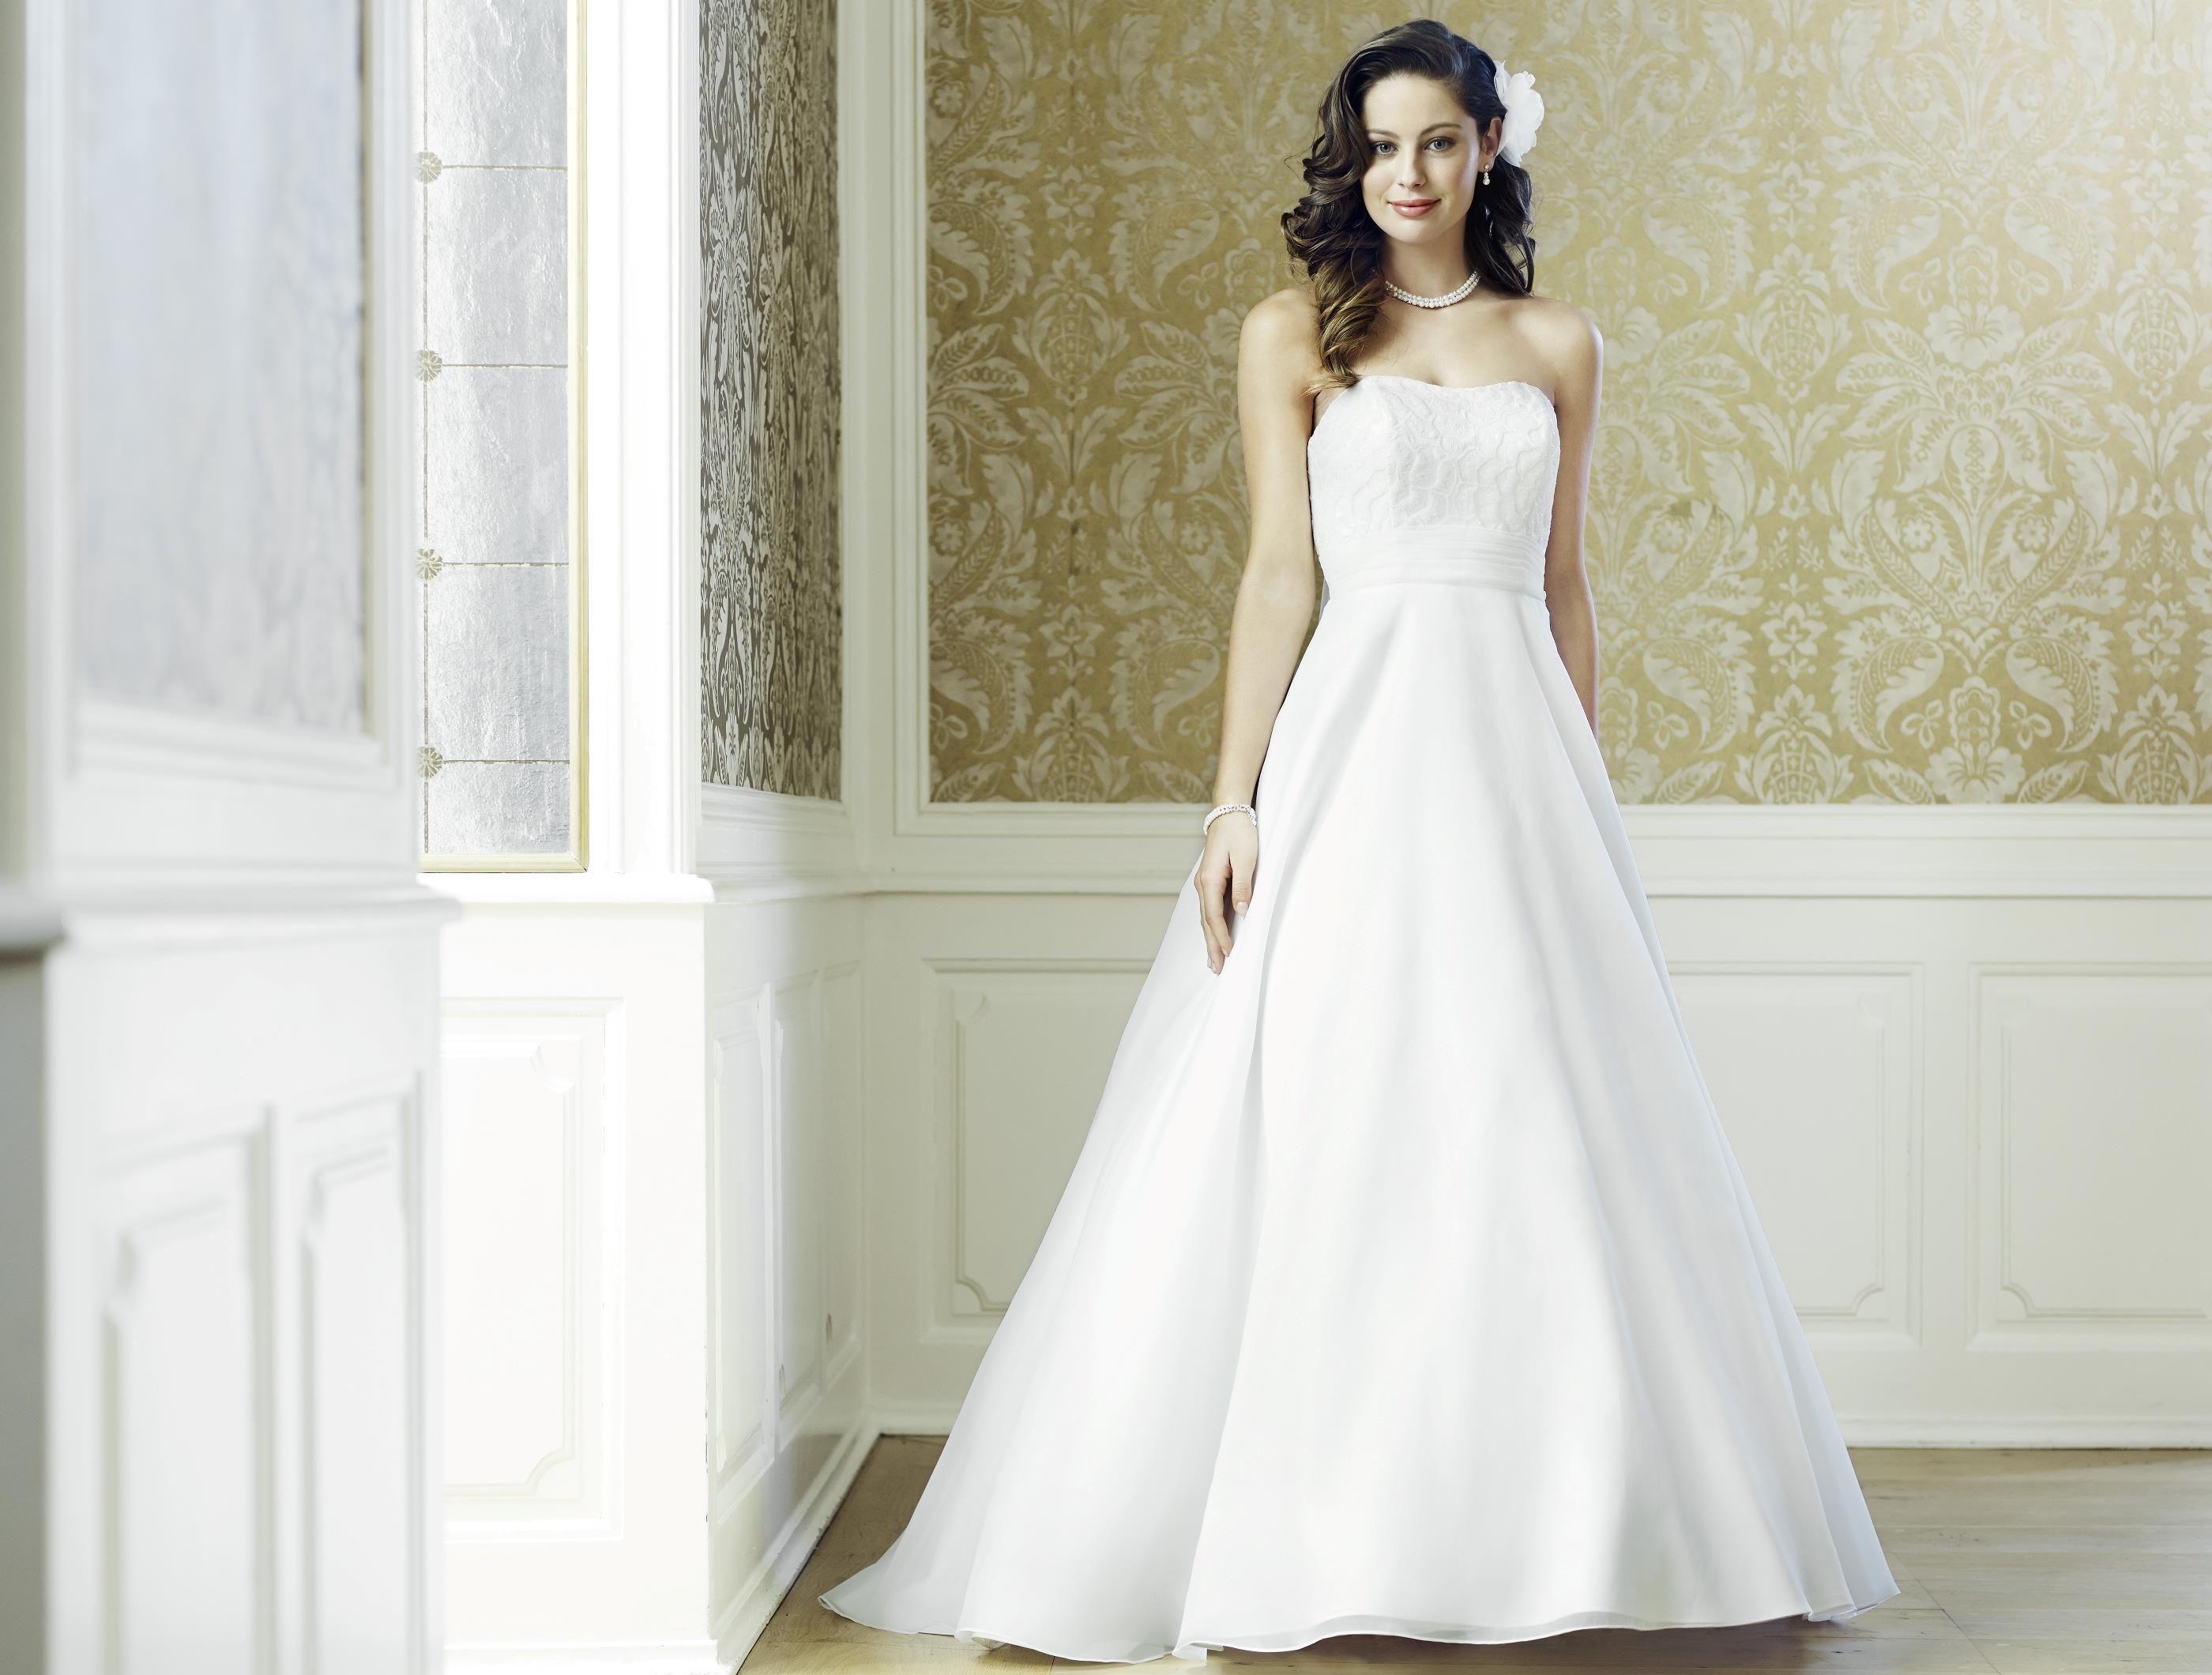 08-3541-CR | Hochzeit Frisur & Kleid | Pinterest | Frisur